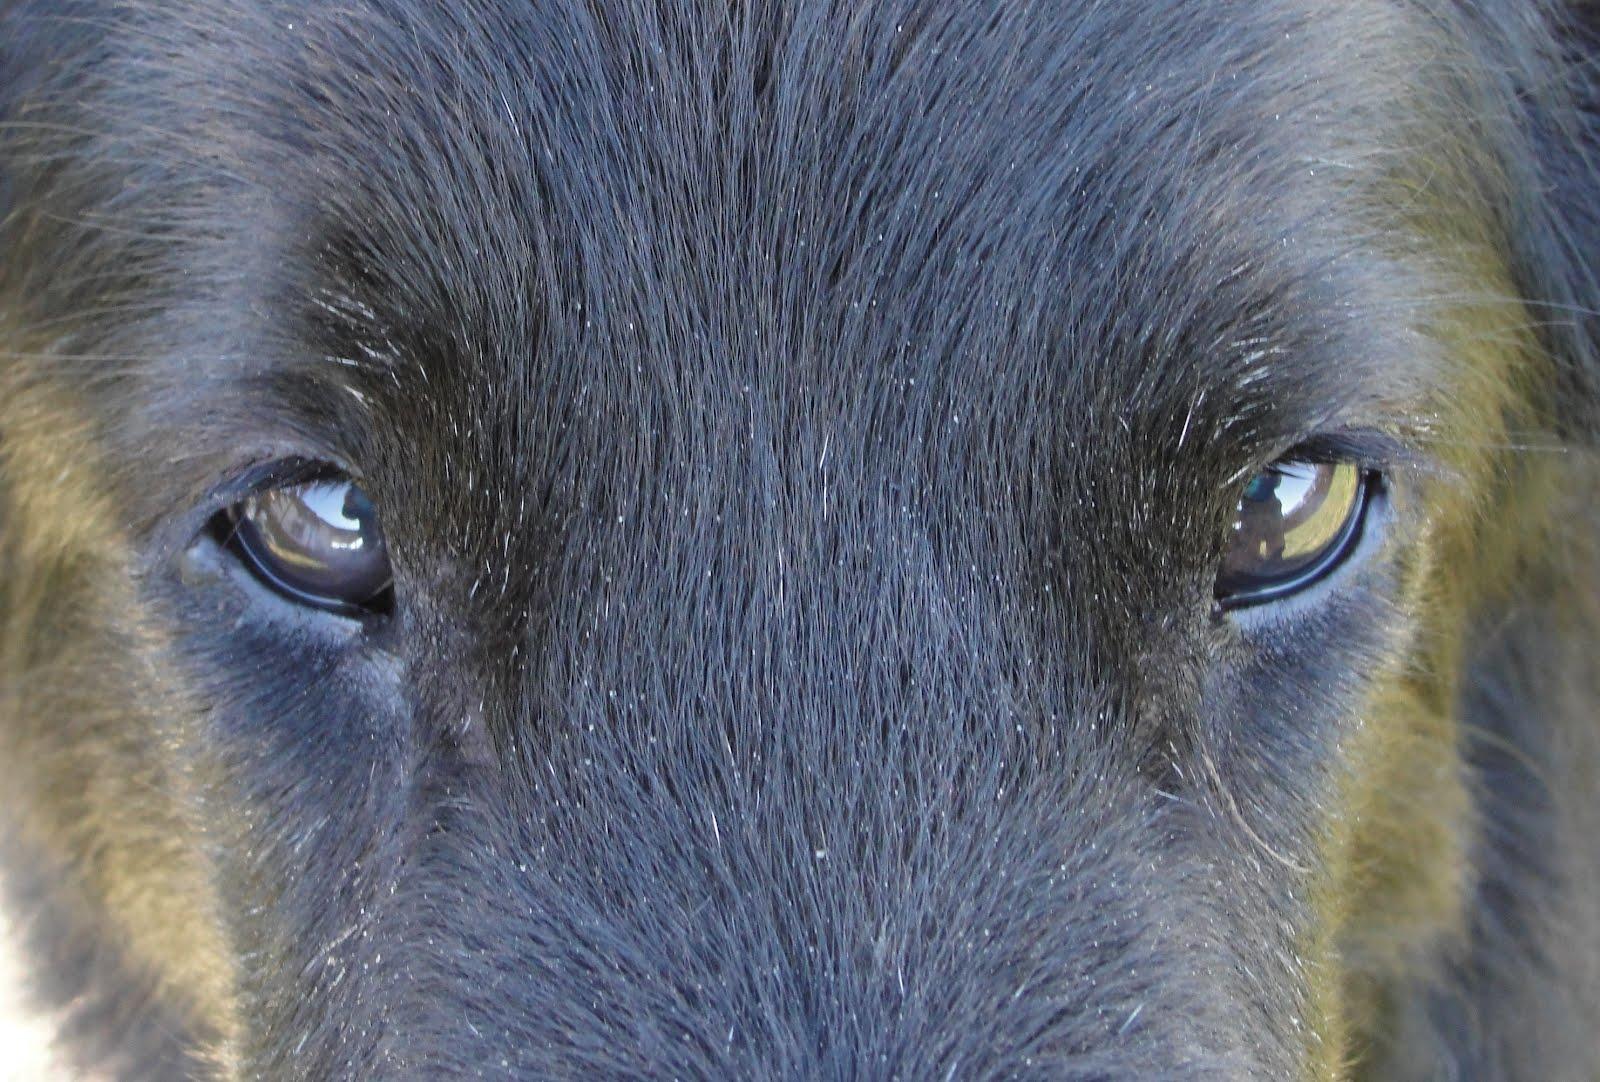 http://4.bp.blogspot.com/-XJcR-cf3XkE/T0boY_-0H9I/AAAAAAAAMYo/IKxuMZqgQok/s1600/Sadie%2527s%2Beyes.jpg